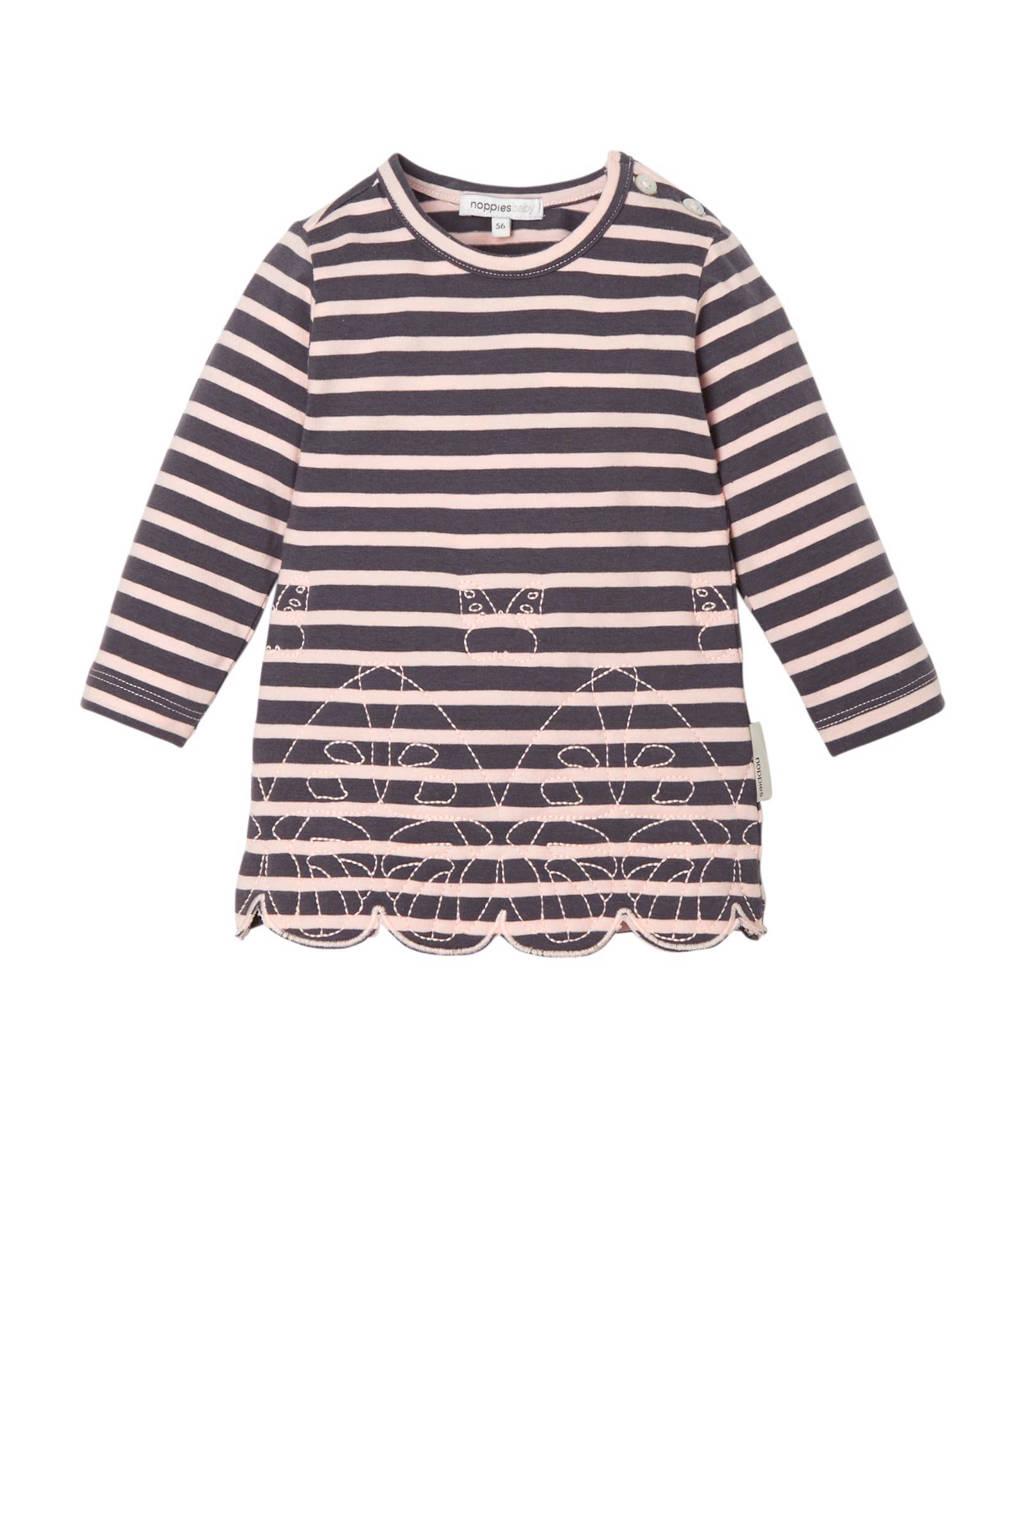 Noppies baby gestreepte jurk Weigelstown, Grijs/lichtroze